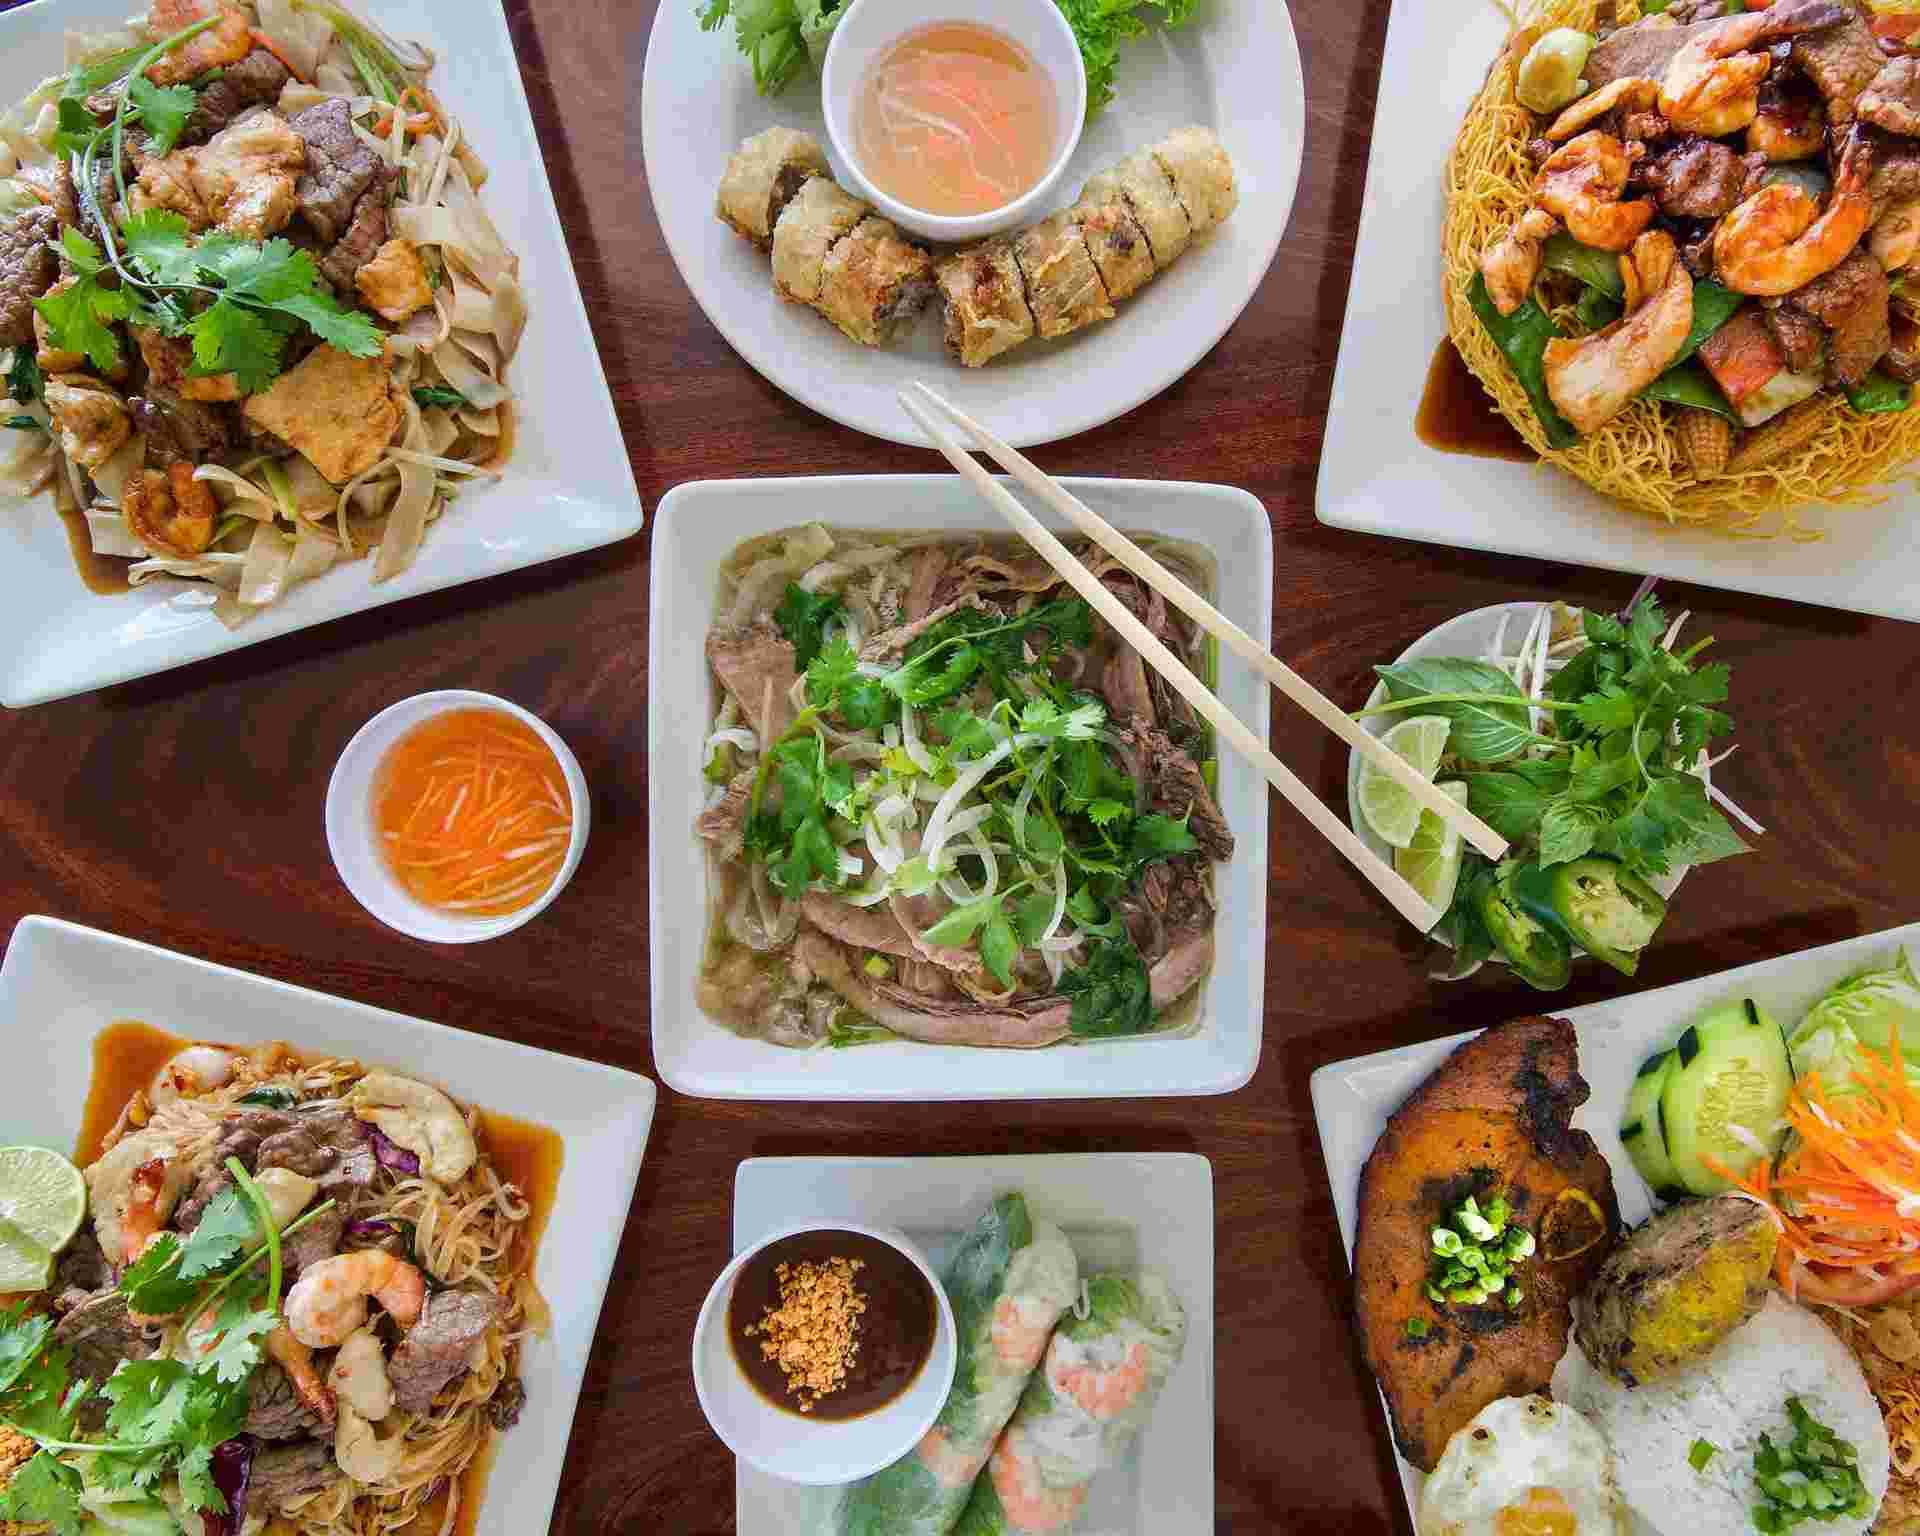 Top 9 Vietnamese Restaurants in Orange County